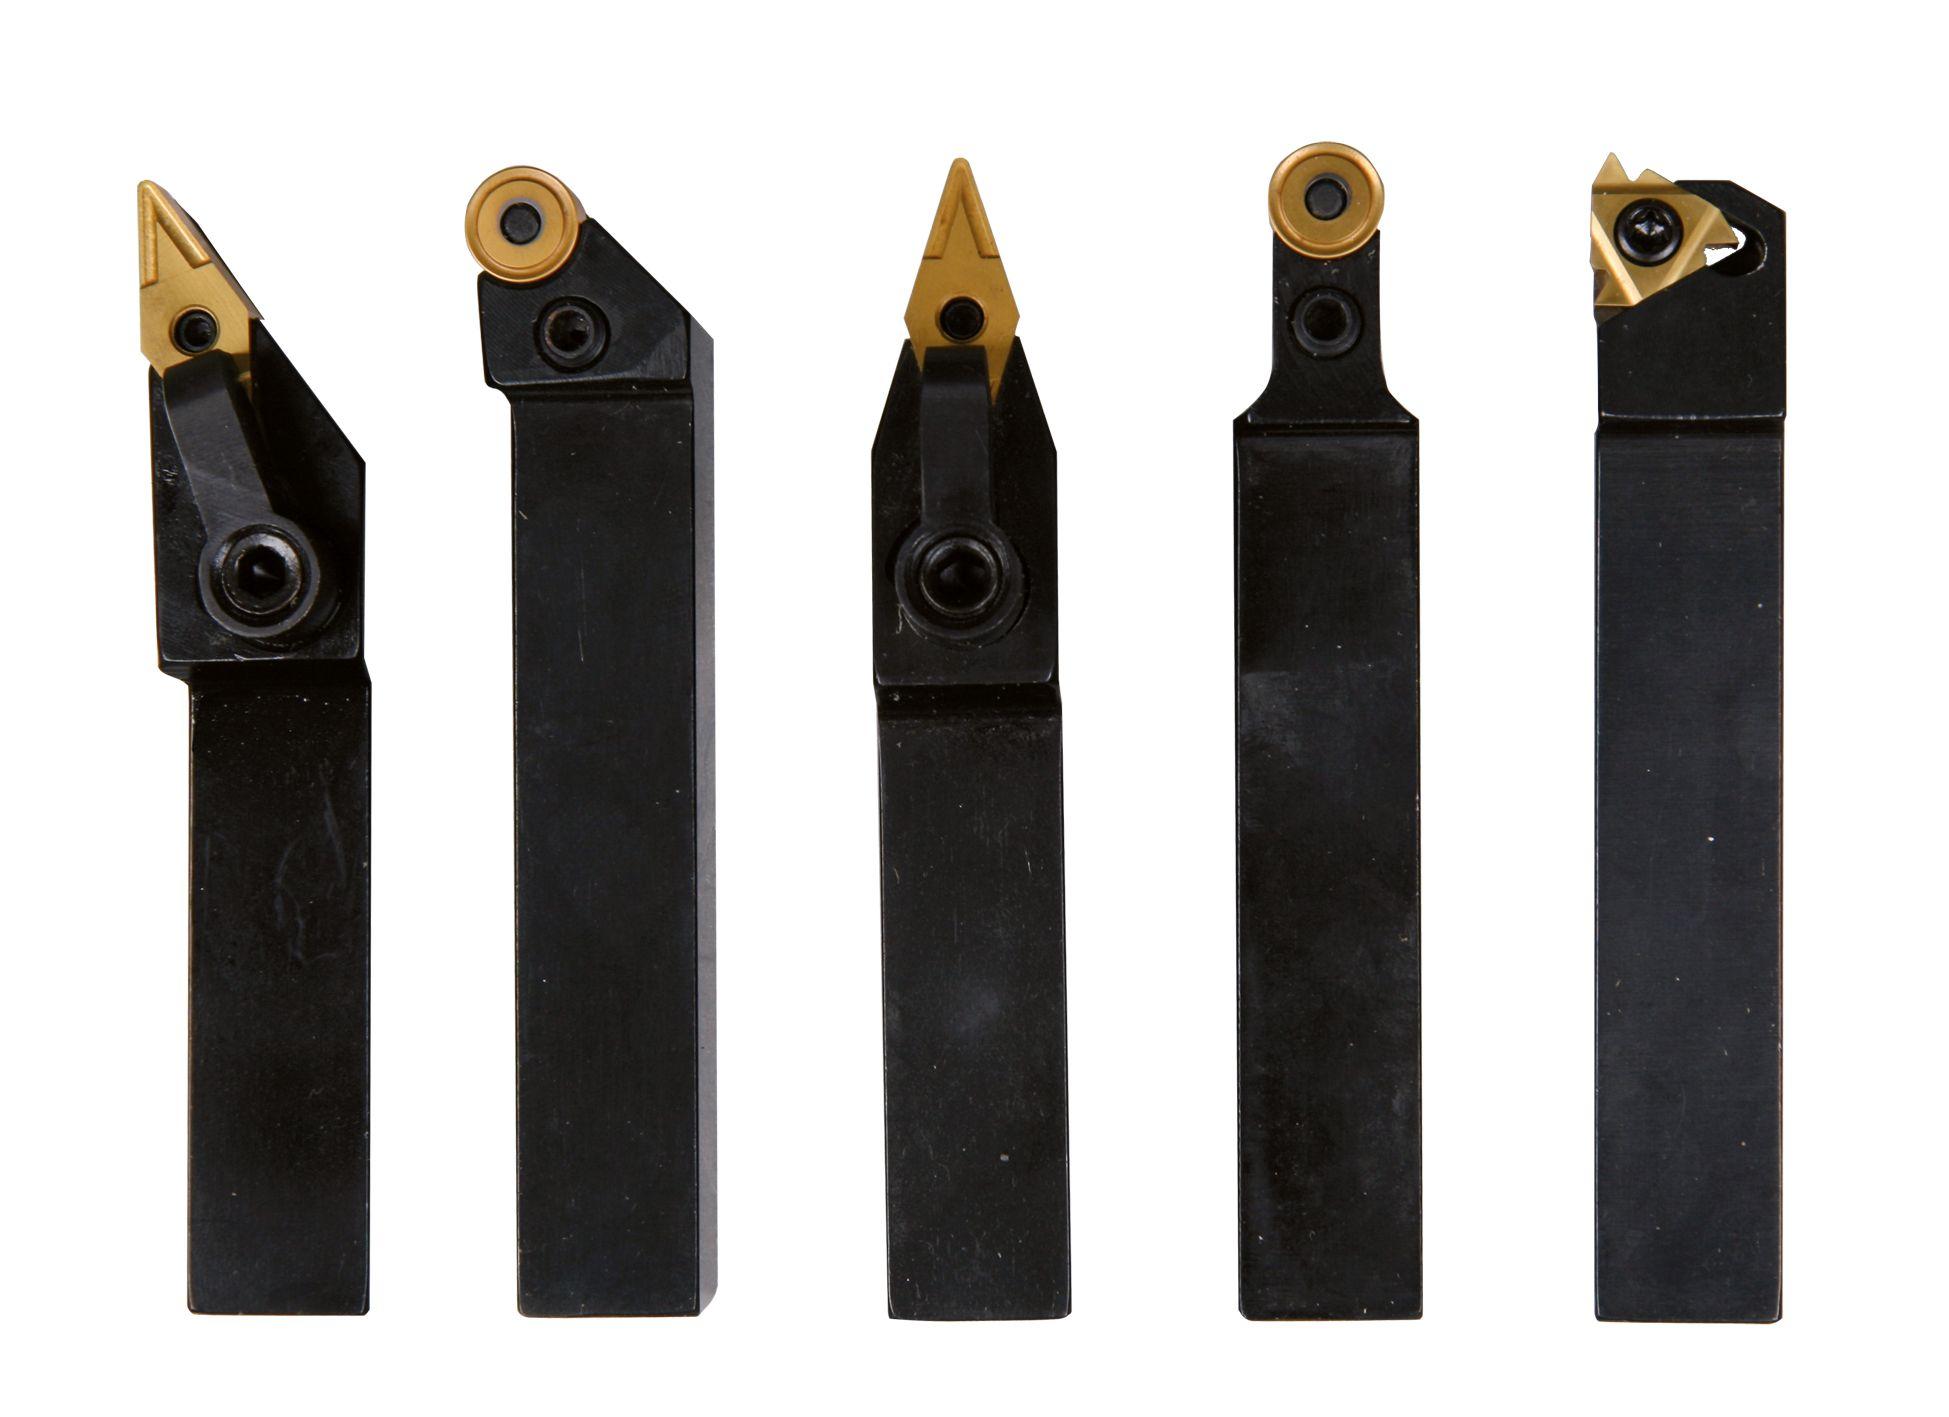 Токарные резцы со сменными пластинами для станка по металлу: производителе, цена